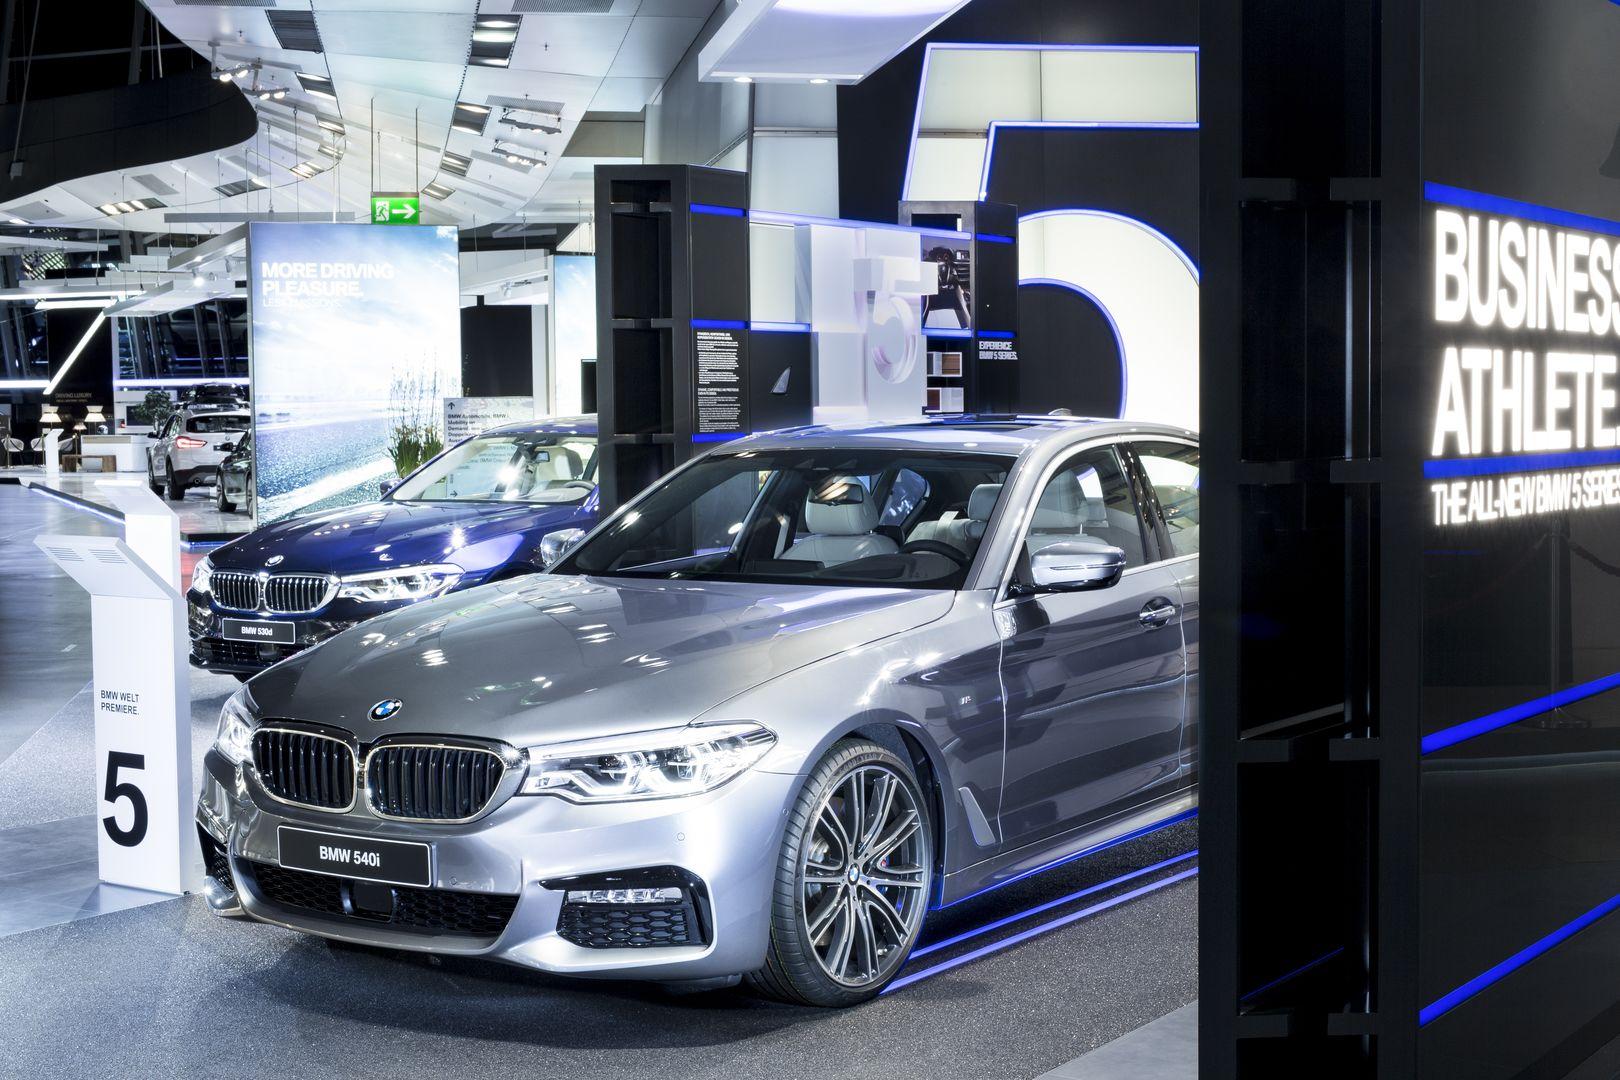 BMW Welt 5er 7 02 17 0921 final 1080